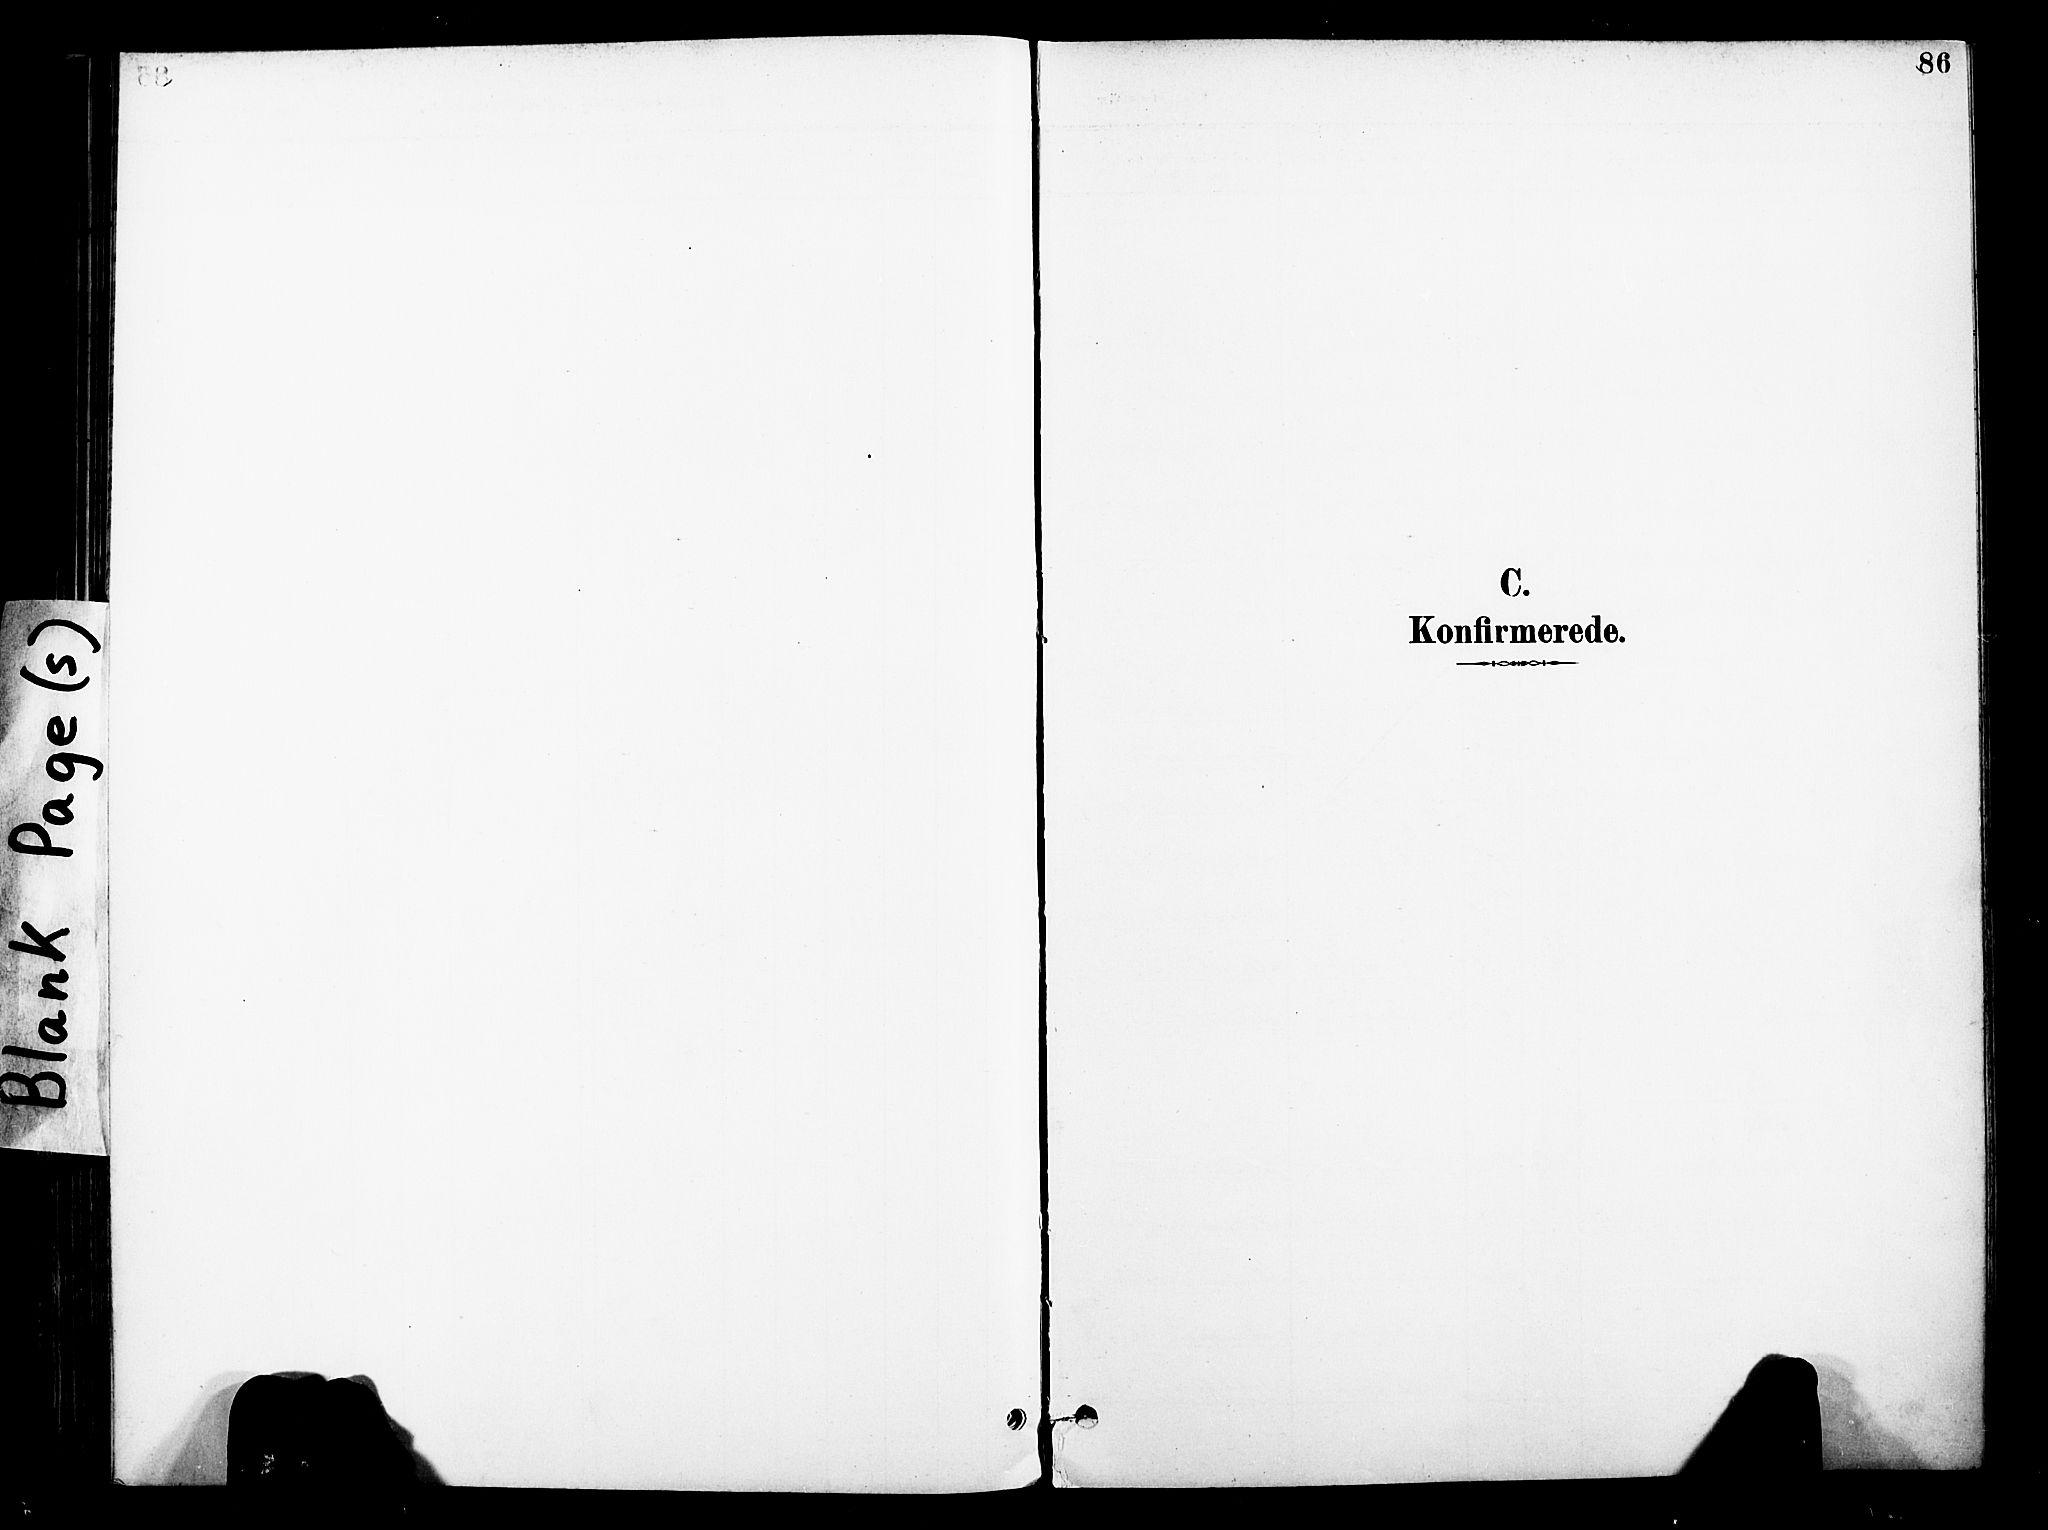 SAT, Ministerialprotokoller, klokkerbøker og fødselsregistre - Nord-Trøndelag, 739/L0372: Ministerialbok nr. 739A04, 1895-1903, s. 86